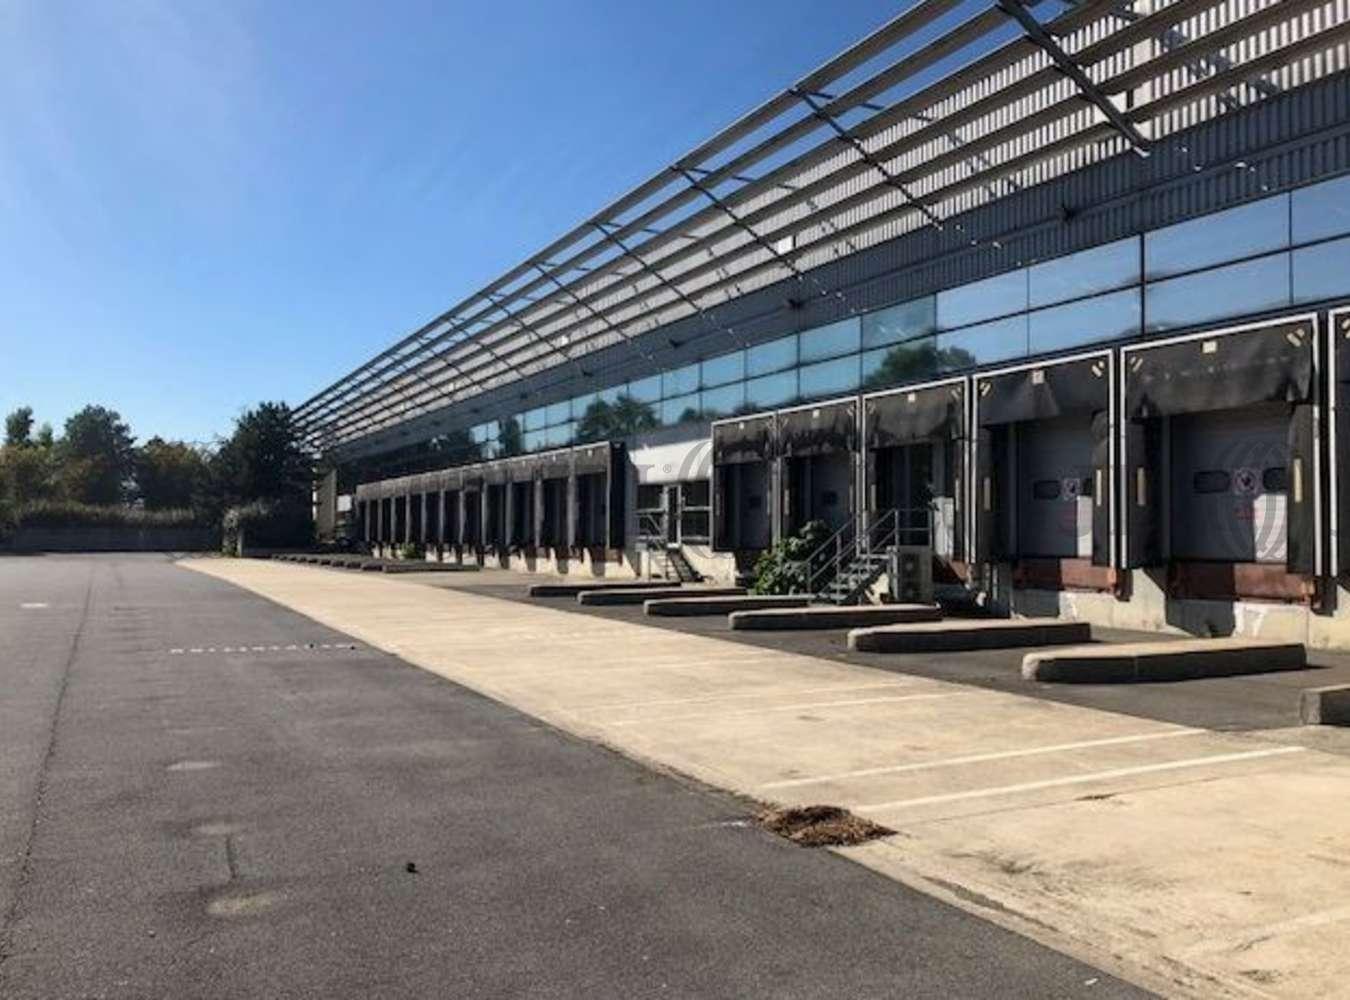 Activités/entrepôt Roissy en france, 95700 - PARIS NORD II - 9856513